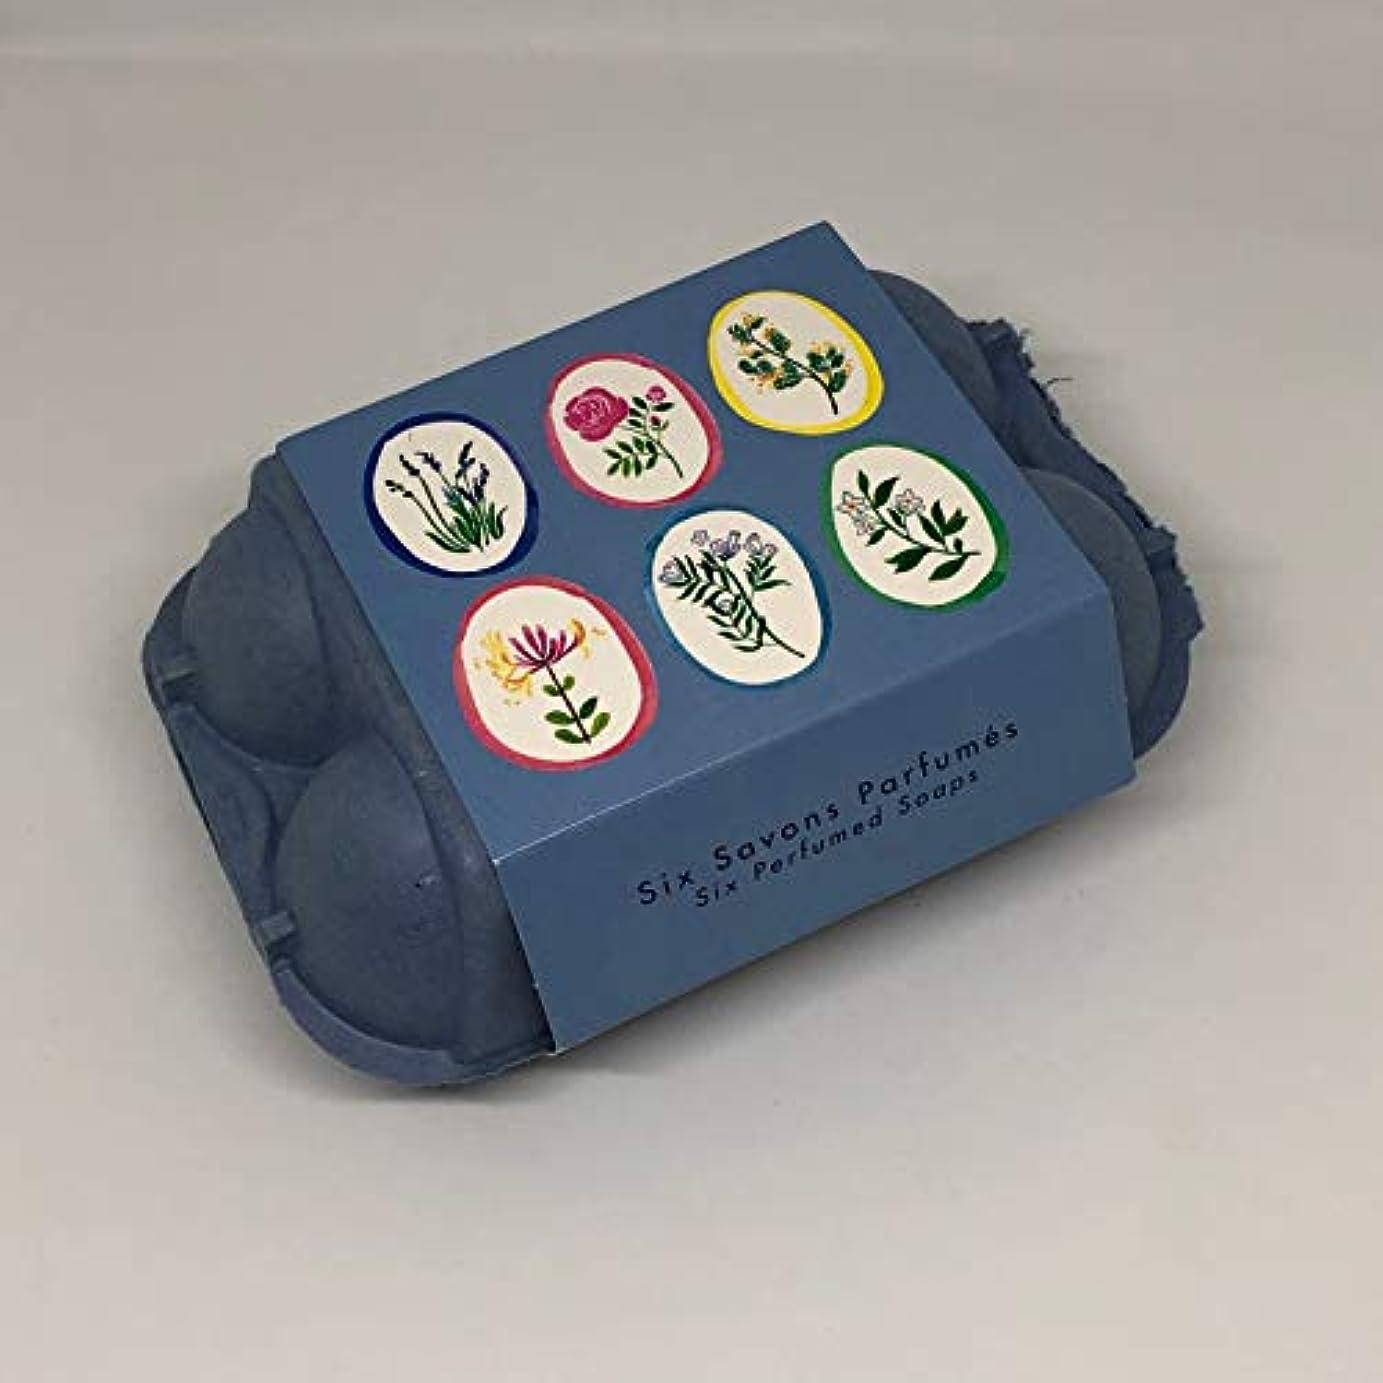 糸硬い息切れフラゴナール Fragonard 卵型ソープセット 50g×6個 フランス直輸入 BLUE